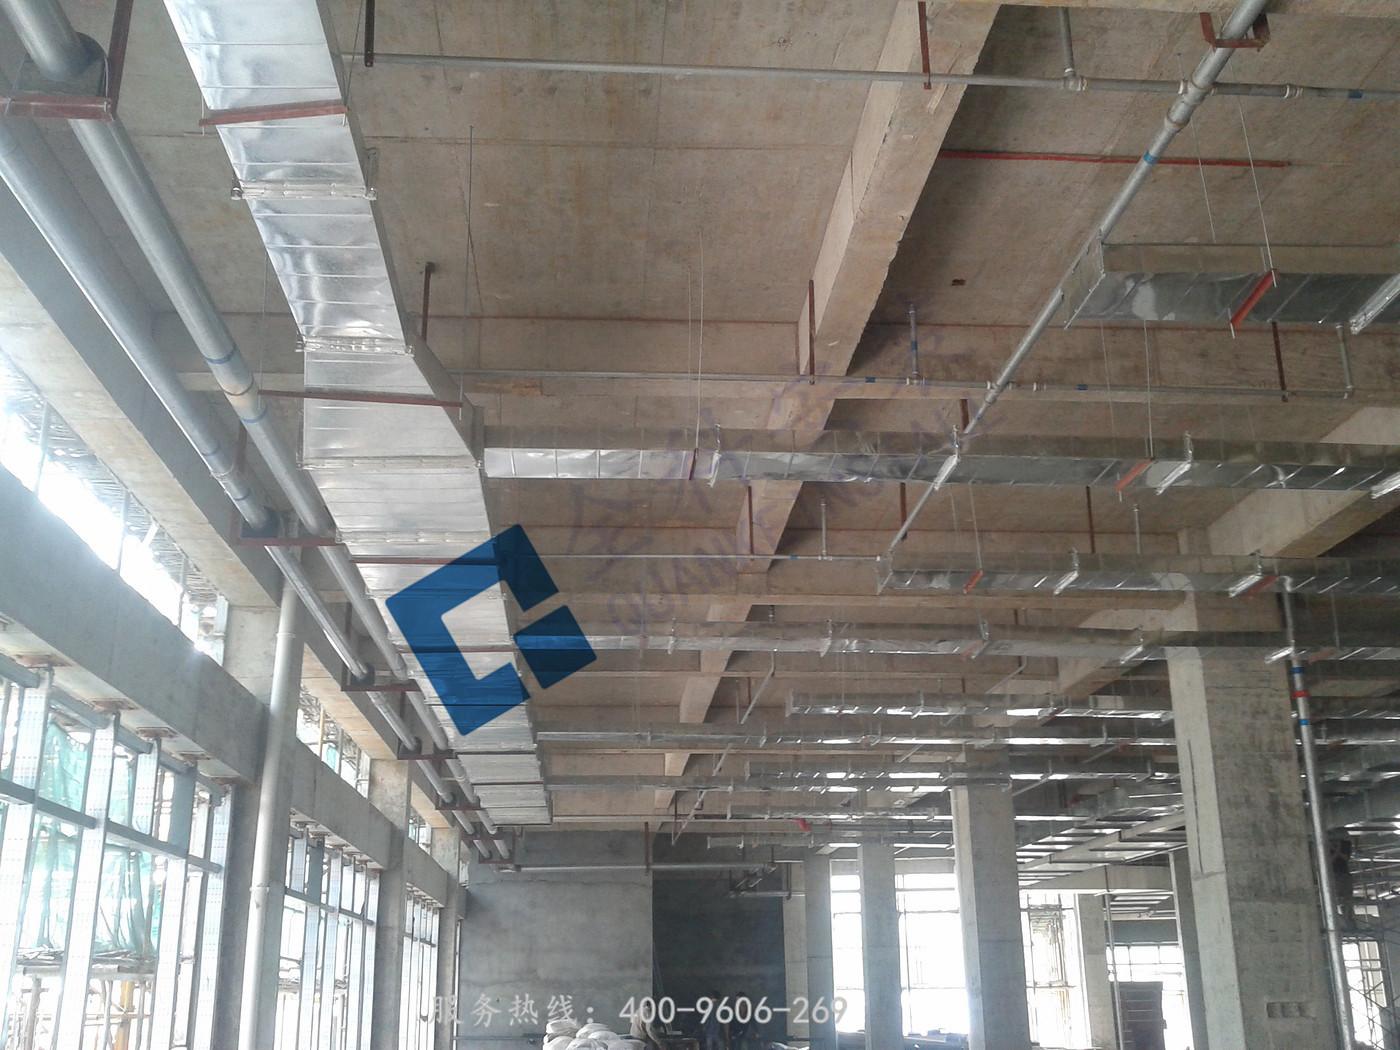 关于通风管道设计安装施工工艺